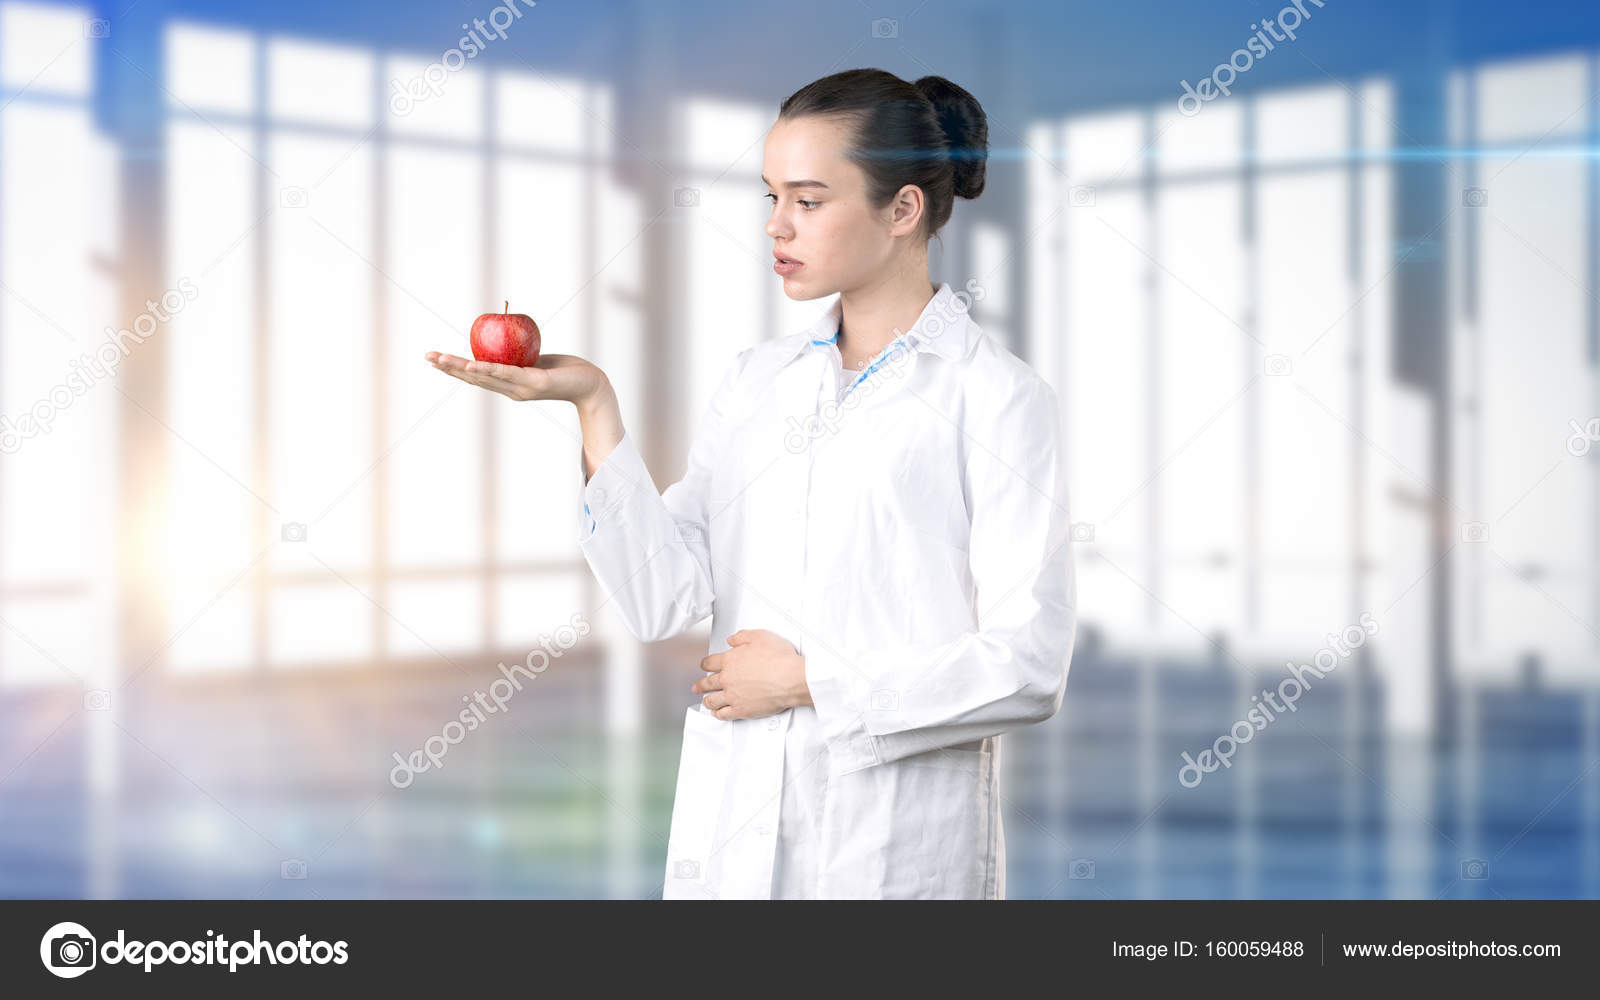 Médico de linda mulher médica de uniforme. Estúdio pintada o fundo.  Conceito de cuidados d10c03be416db